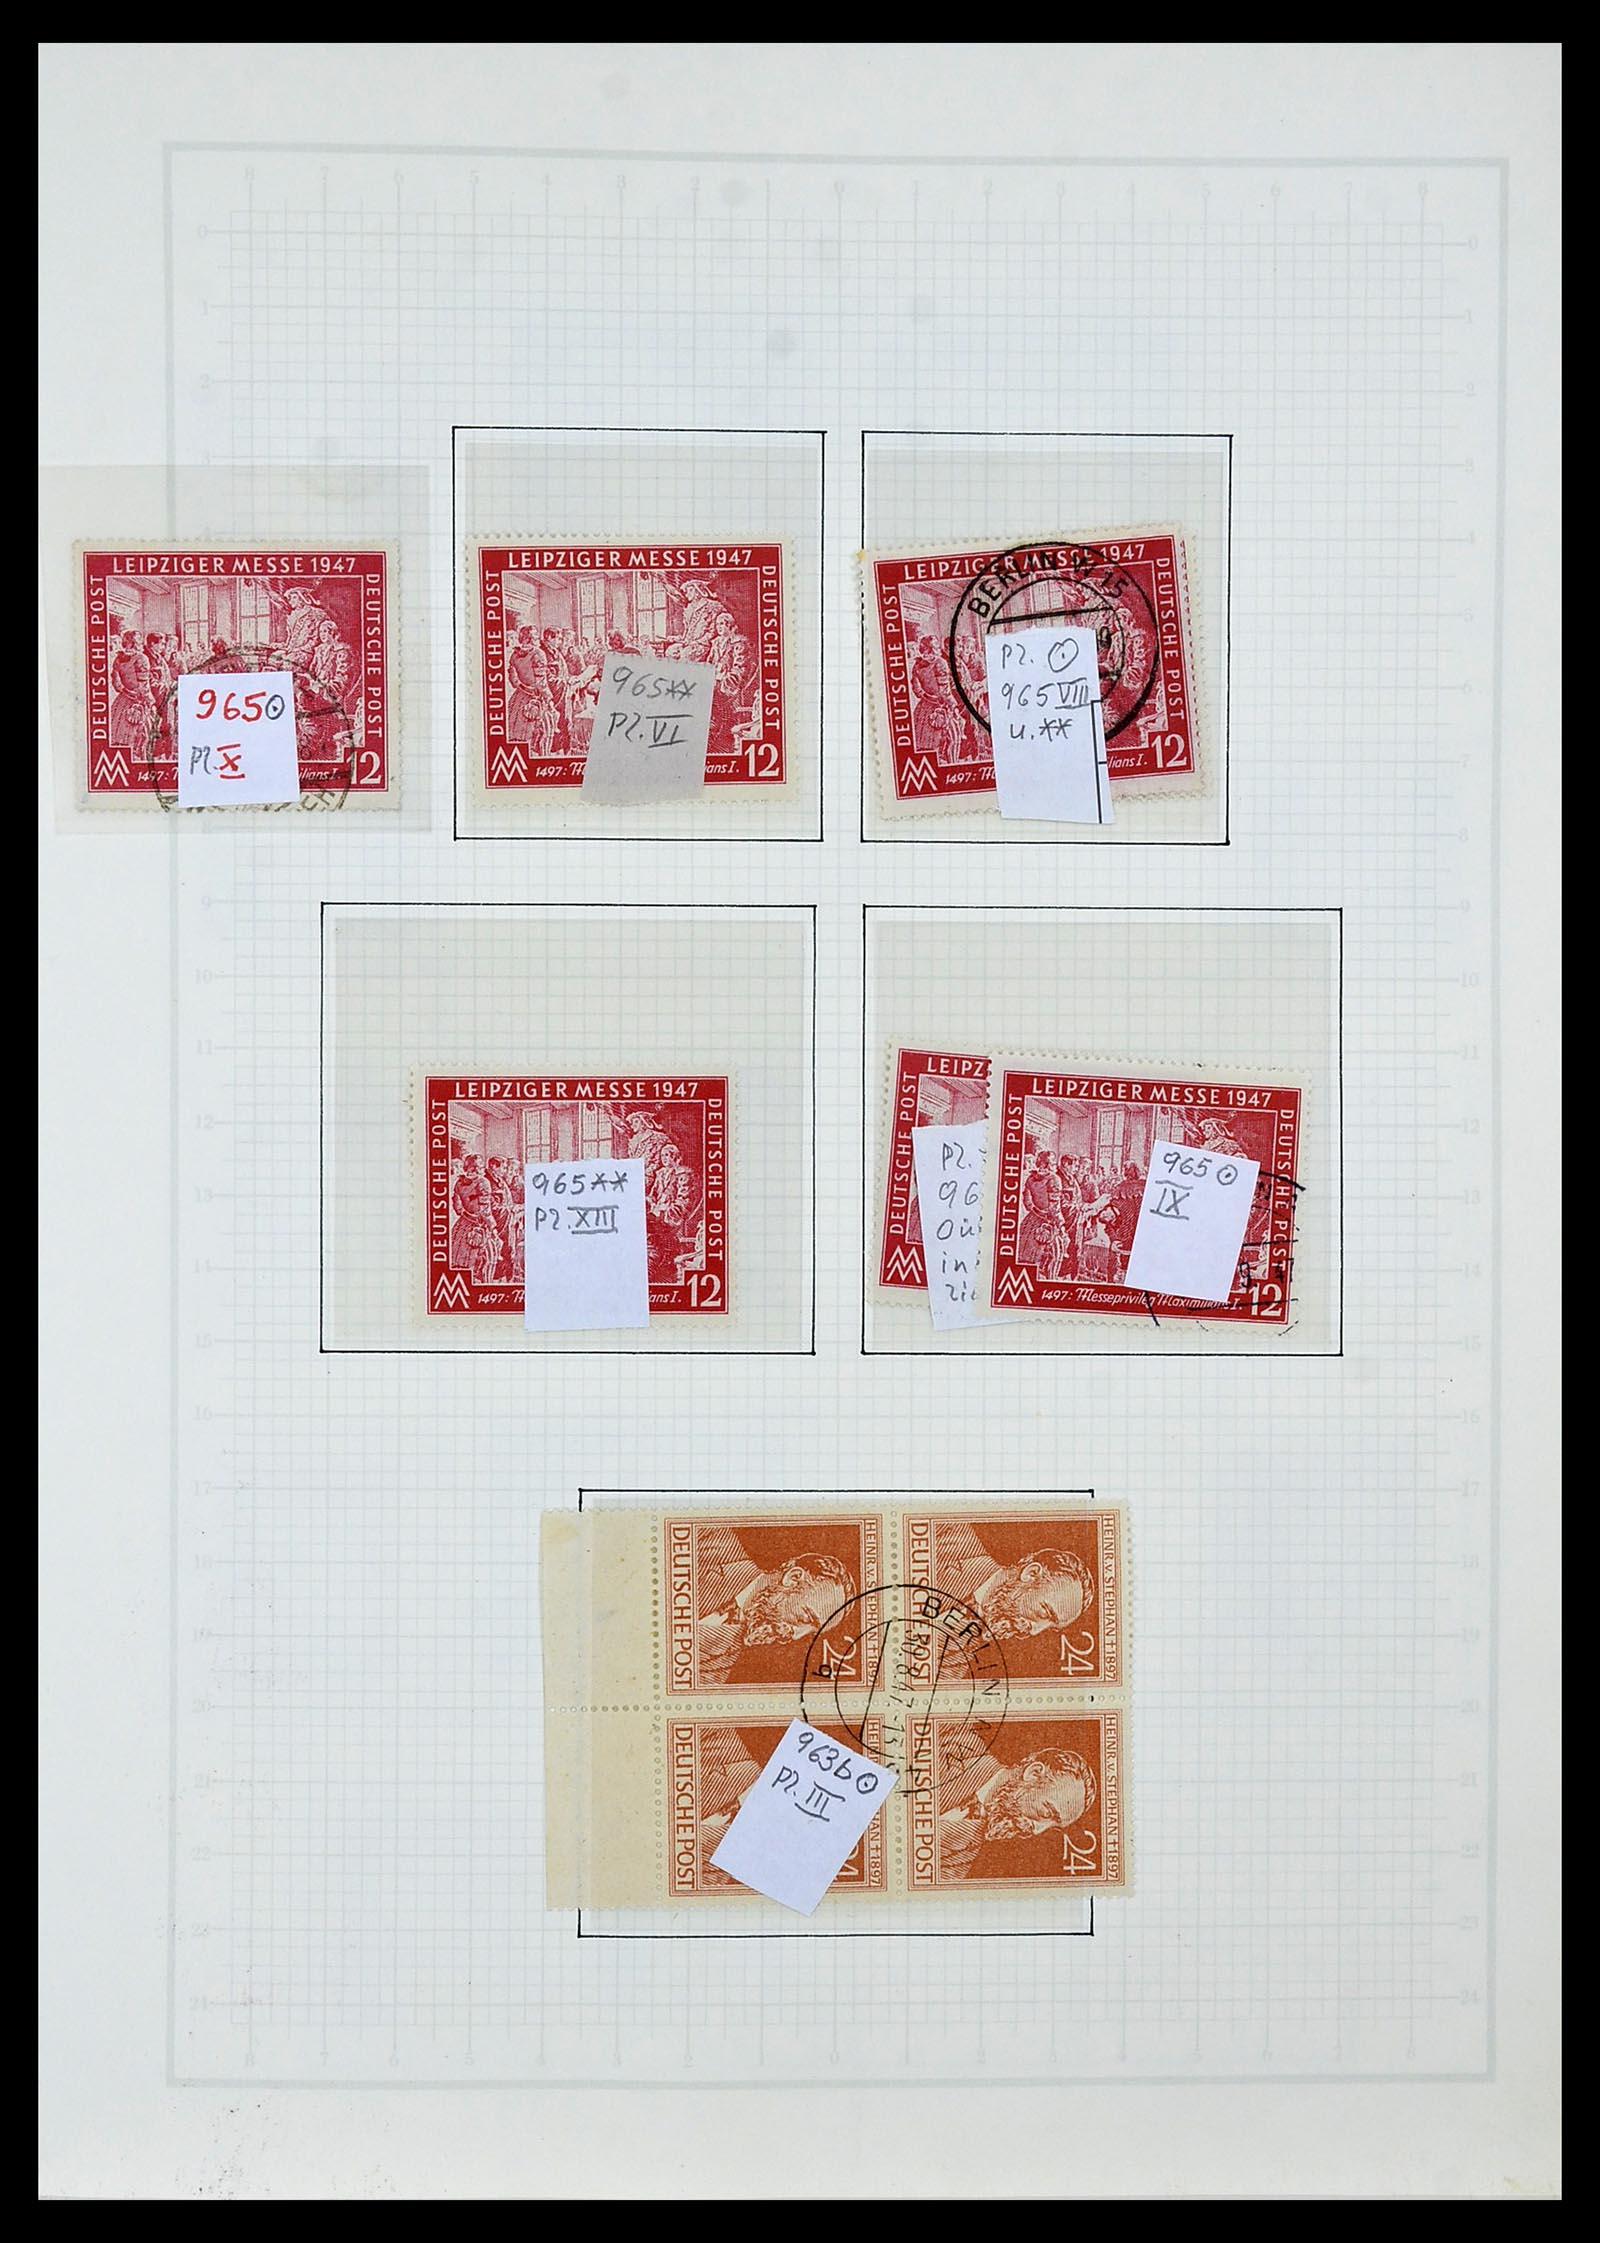 34152 004 - Postzegelverzameling 34152 Duitse Zones 1945-1949.